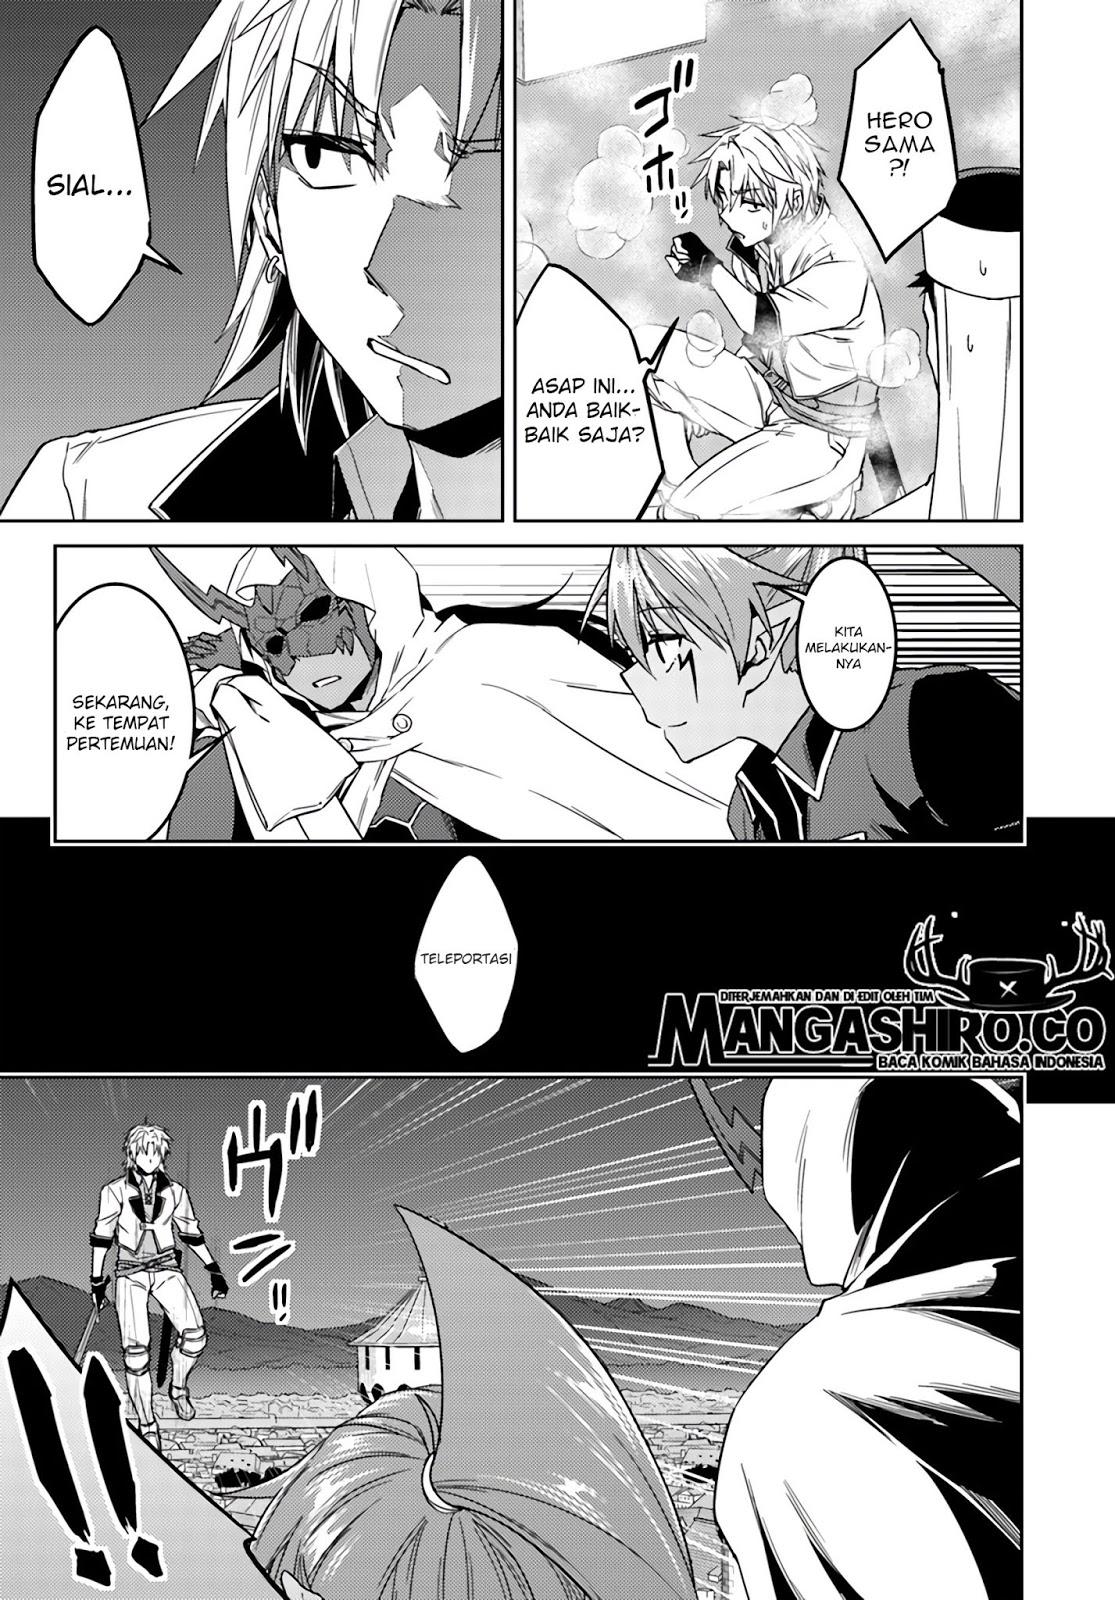 Nidome no Jinsei wo Isekai de: Chapter 37.2 - Page 12